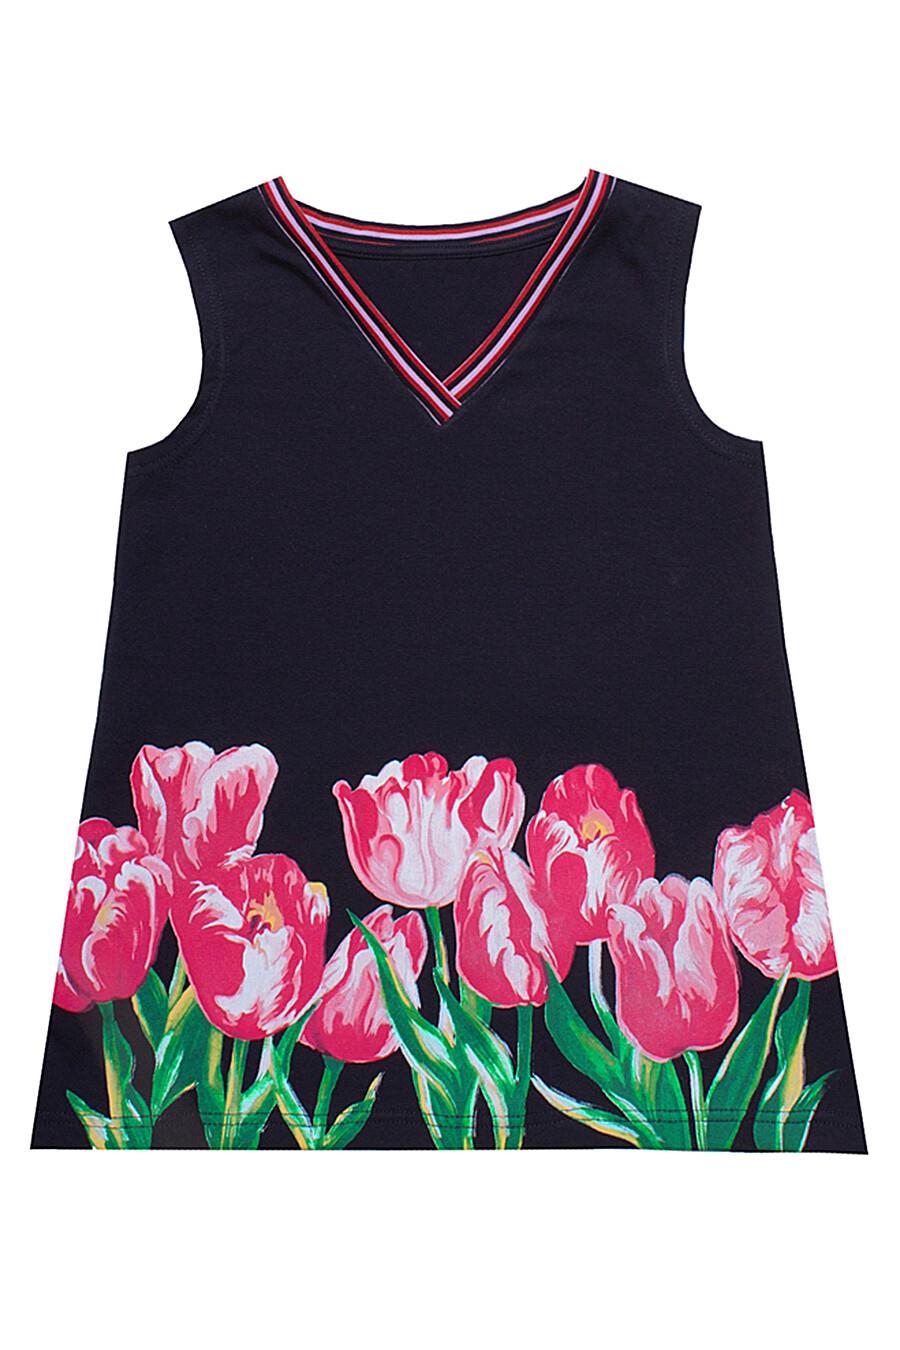 Джемпер для девочек АПРЕЛЬ 699963 купить оптом от производителя. Совместная покупка детской одежды в OptMoyo